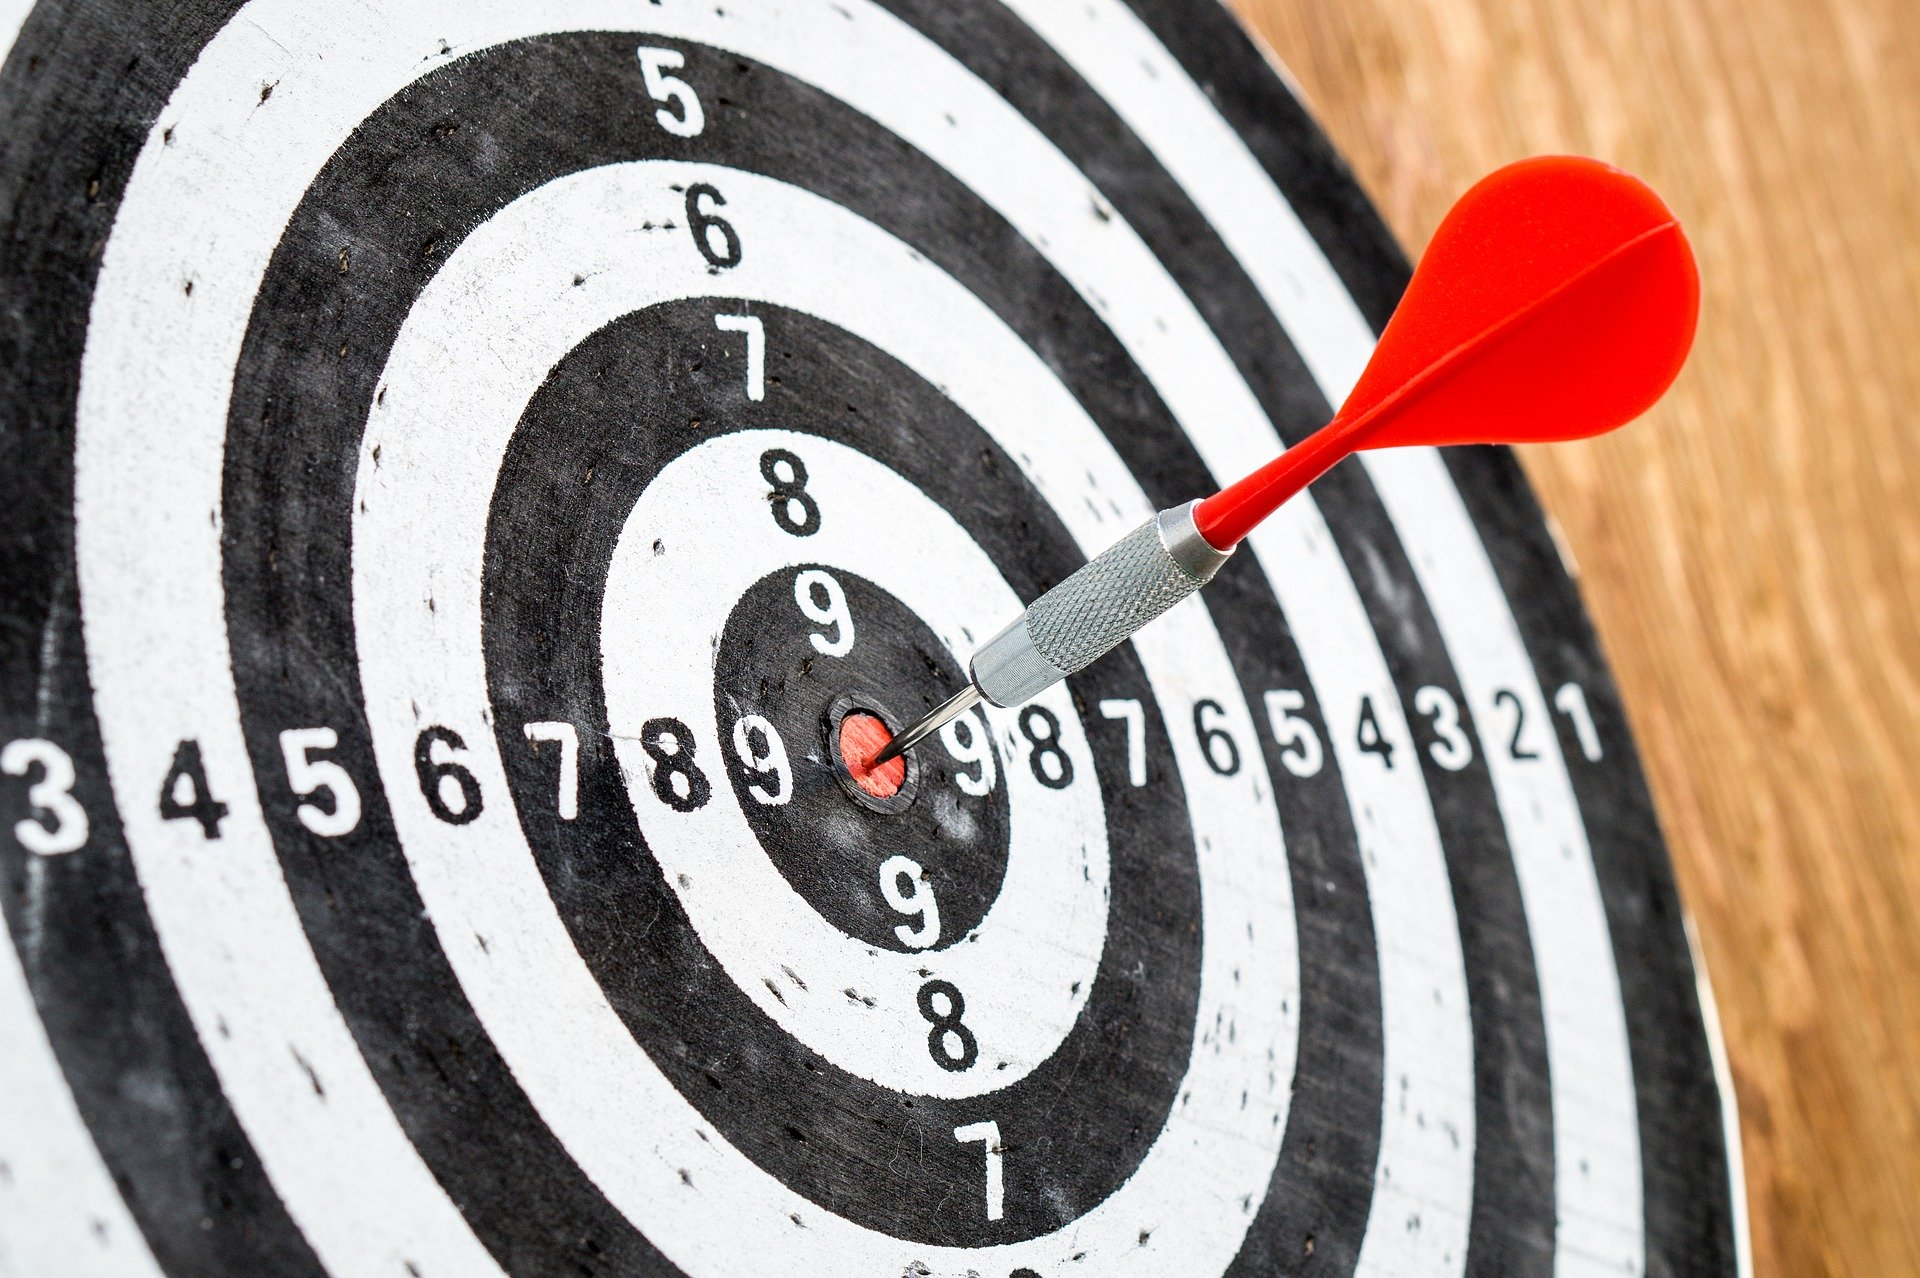 Cercetările de piață: departament intern sau agenție specializată?